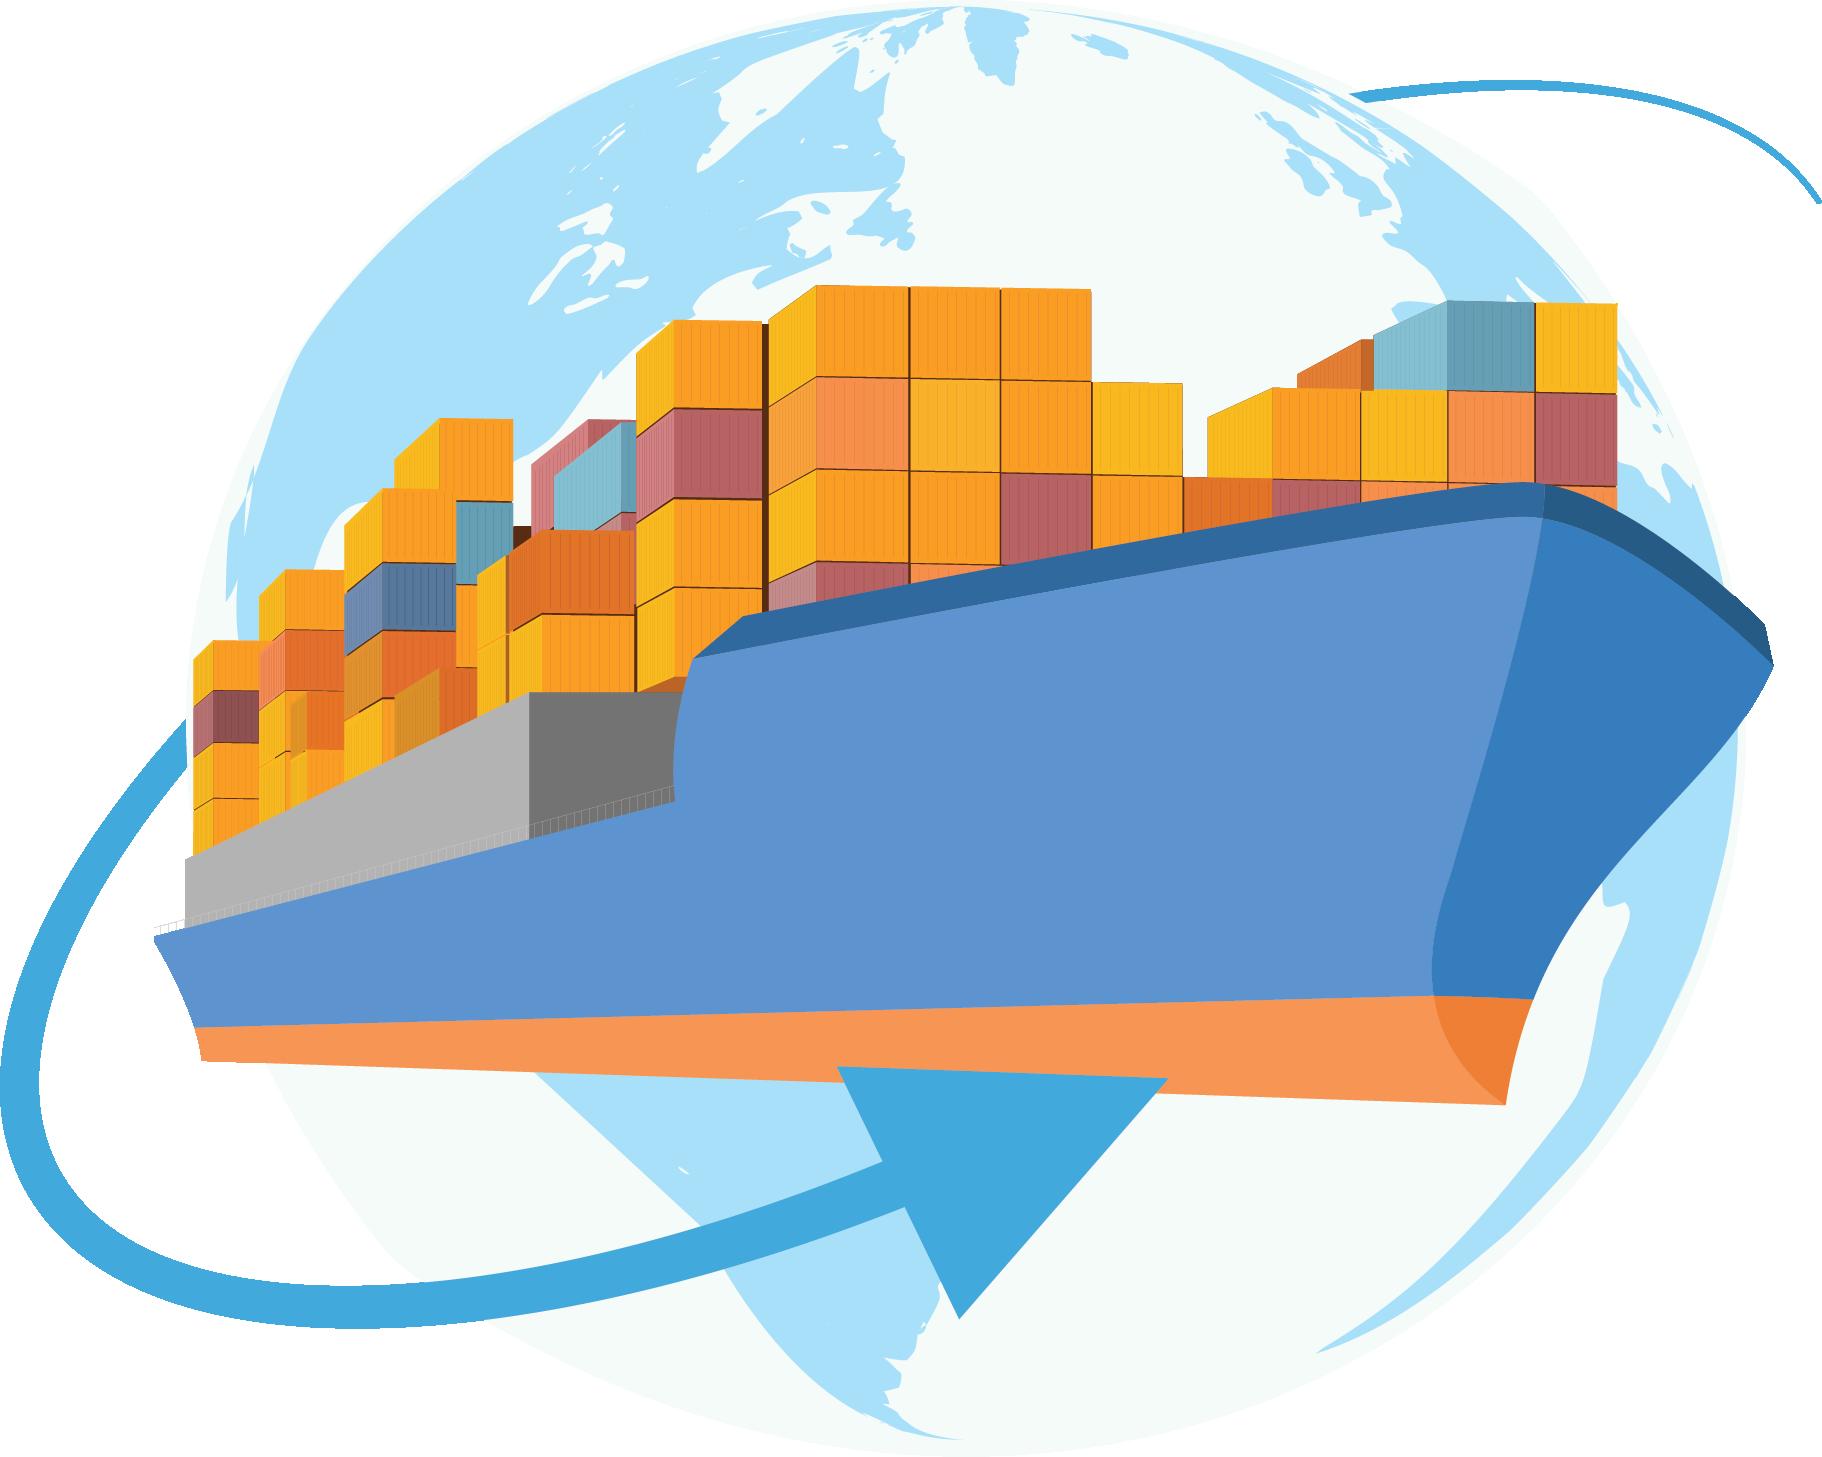 进口贸易2